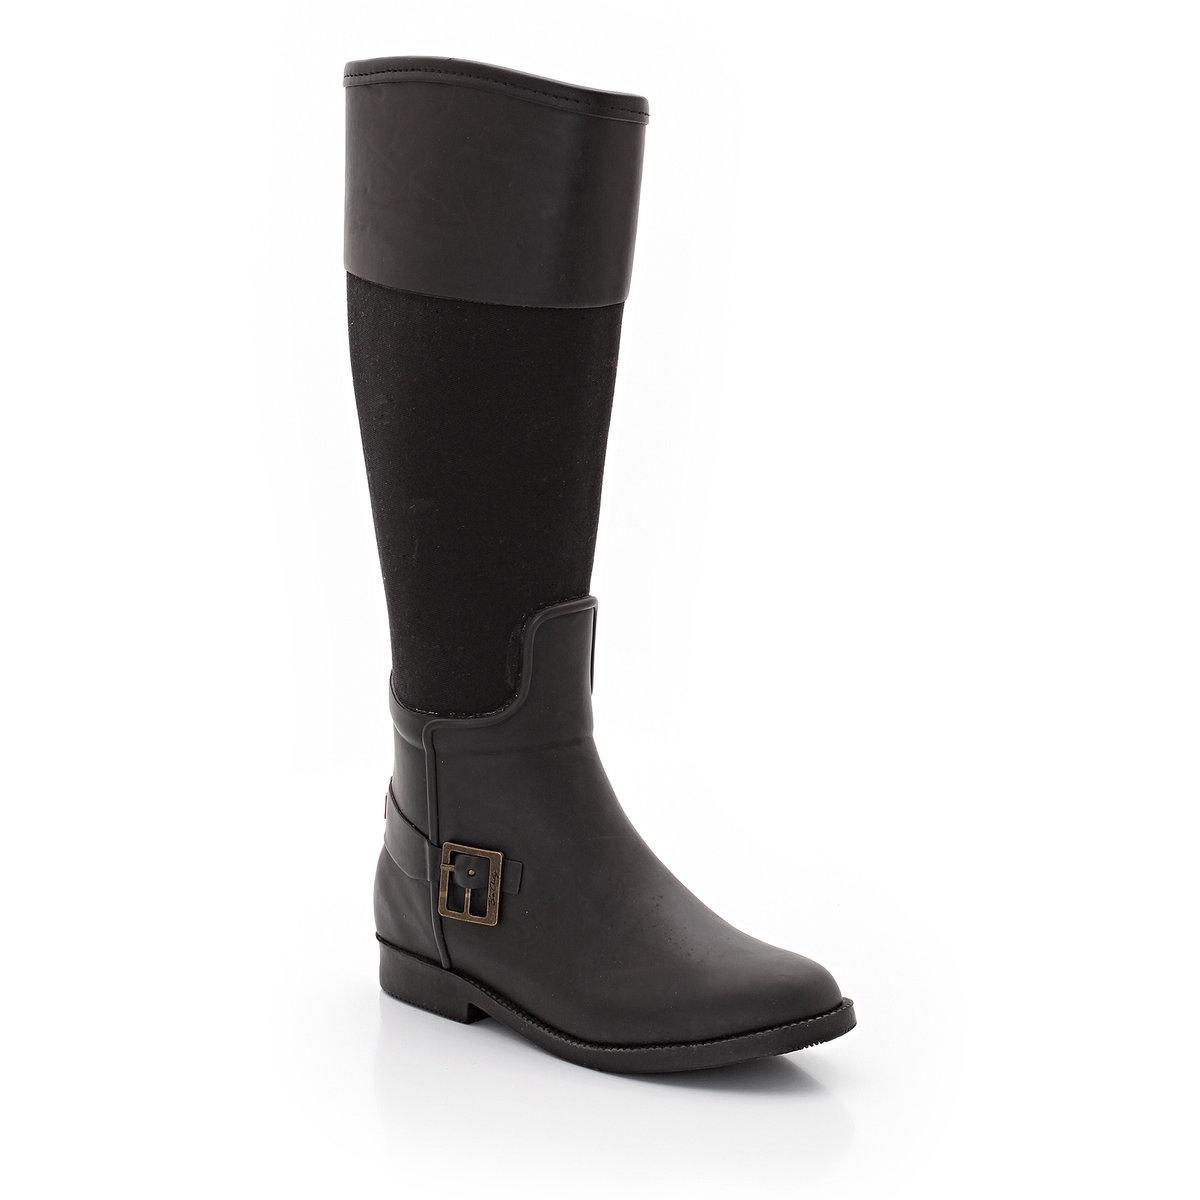 СапогиВысота каблука: ок.1 см. Высота голенища: ок. 41 см. Без застежки. Декоративный ремешок с пряжкой.Комфортная и стильная модель.<br><br>Цвет: черный<br>Размер: 36